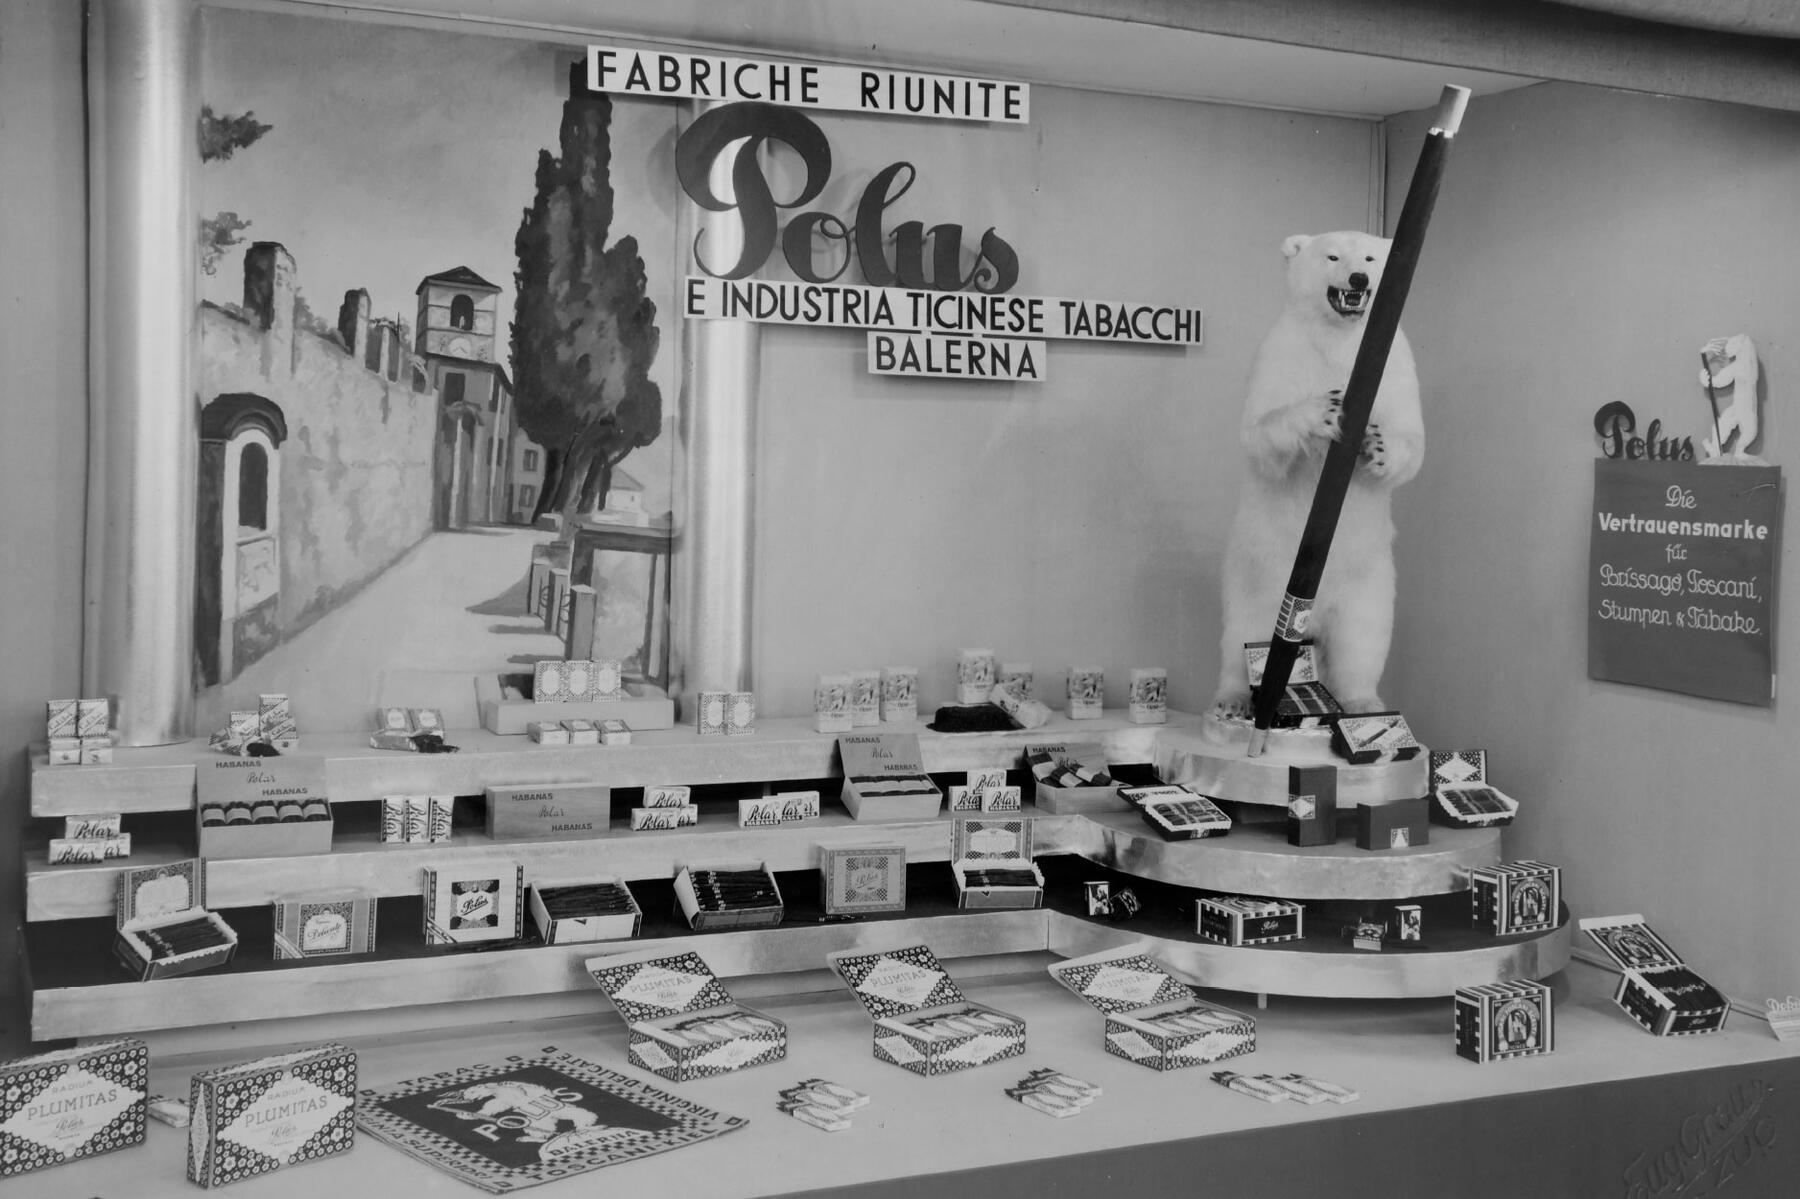 **Ampliamento edificio** In questi anni in Ticino si raggiunge l'apice delle superfici coltivate a tabacco e del numero di coltivatori. L'aumento dei quantitativi di tabacco consegnati e l'implementazione di nuove tecniche di lavorazione e produzione trovano riscontro anche nell'architettura dell'edificio della Polus che venne a più riprese ampliato.